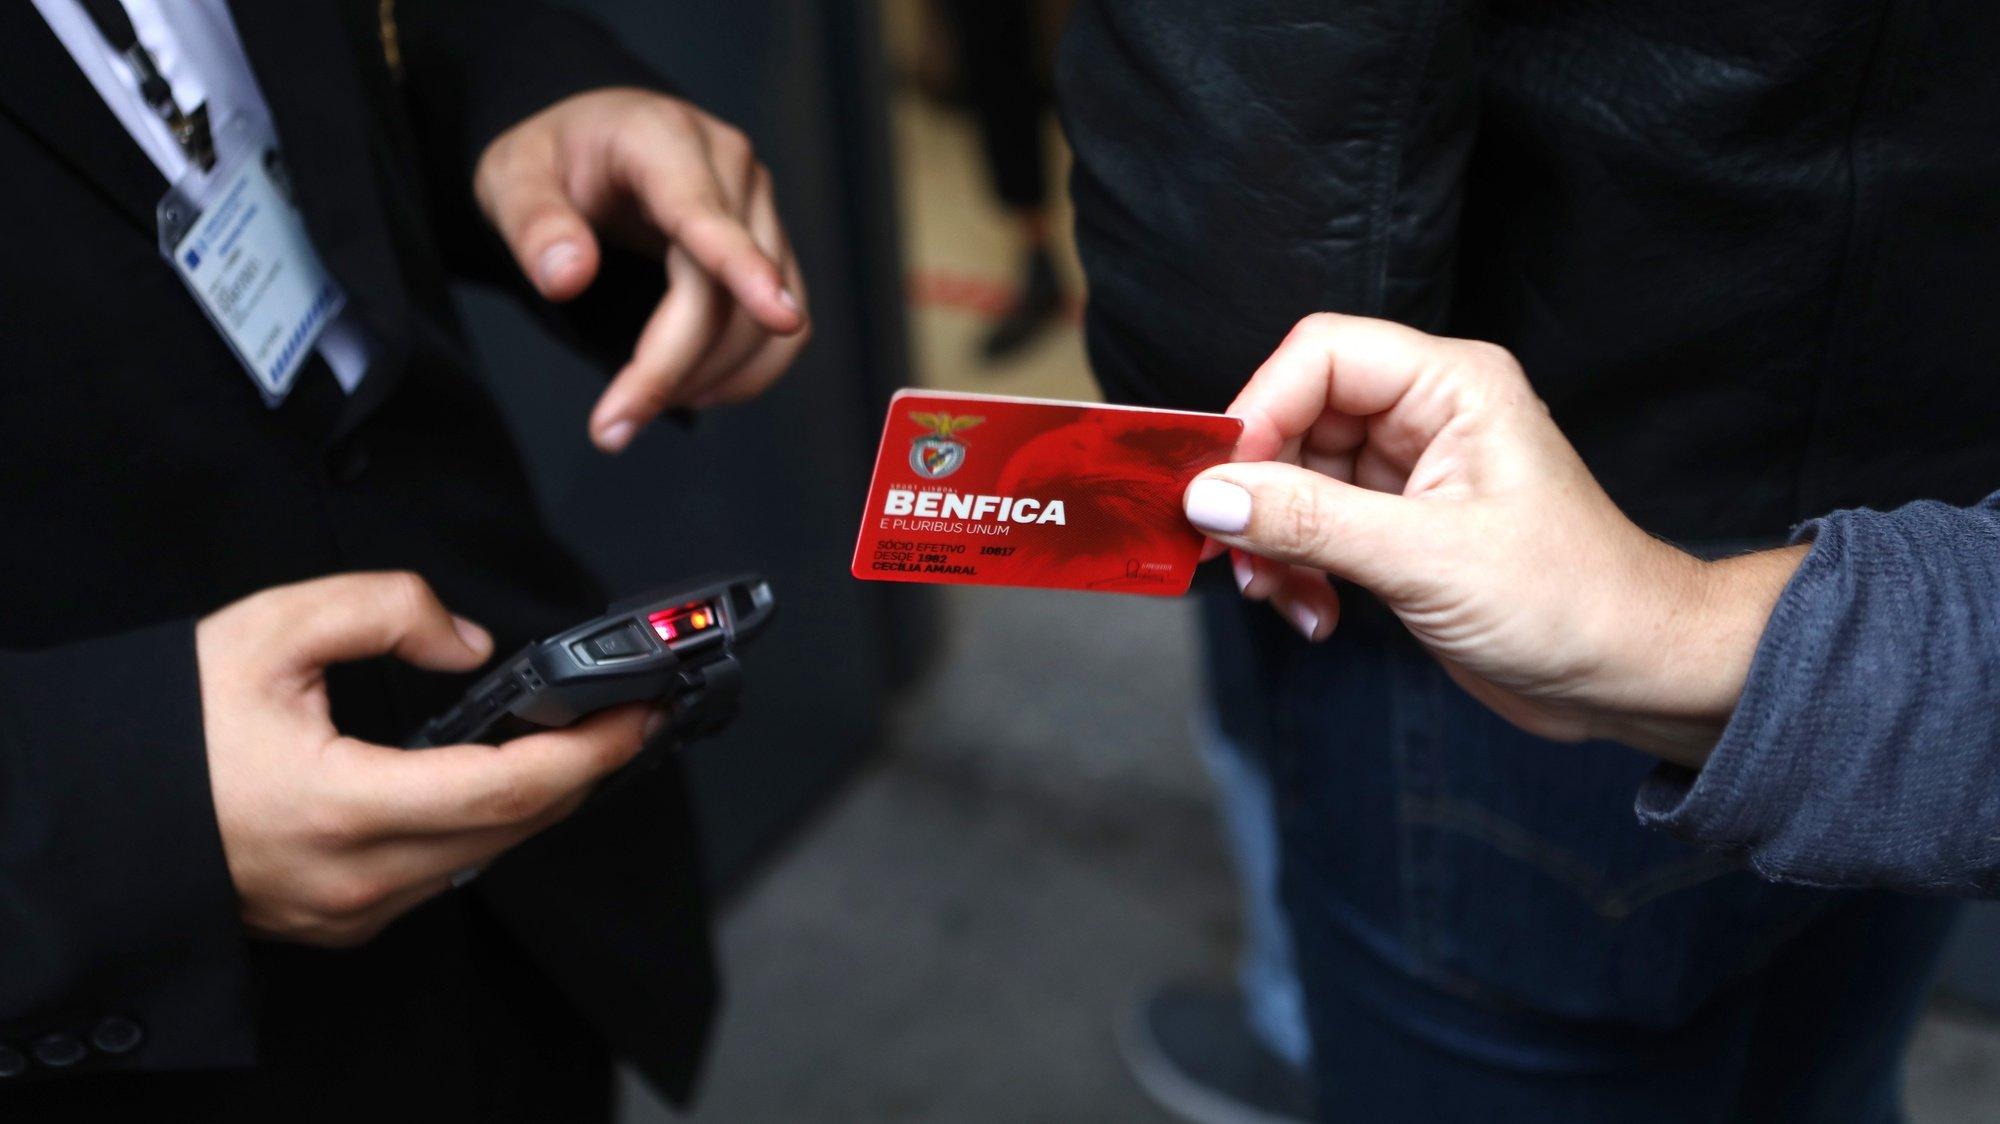 Um sócio do Sport Lisboa Benfica identifica-se durante a votação para a eleição dos orgãos sociais do clube, no Estádio da Luz, em Lisboa, 28 de outubro de 2020. ANTÓNIO PEDRO SANTOS/LUSA